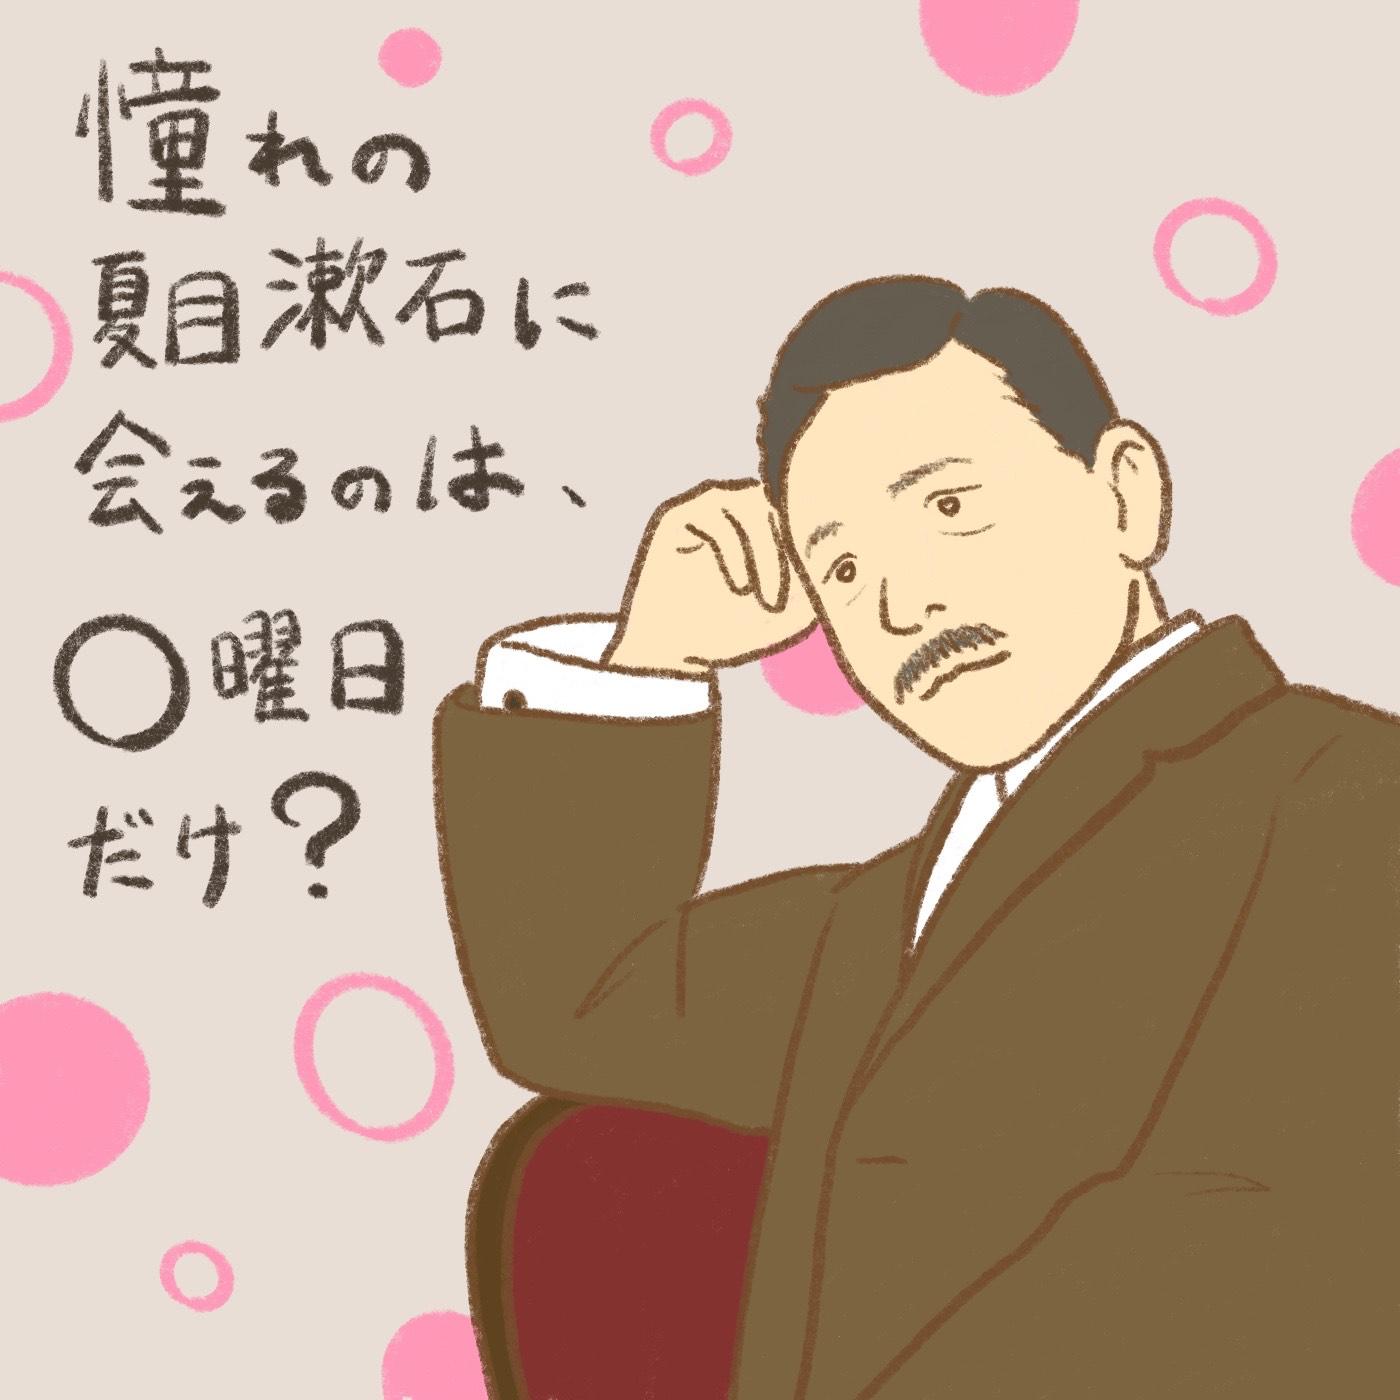 OBIKAKE ナニソレ 夏目漱石 木曜会